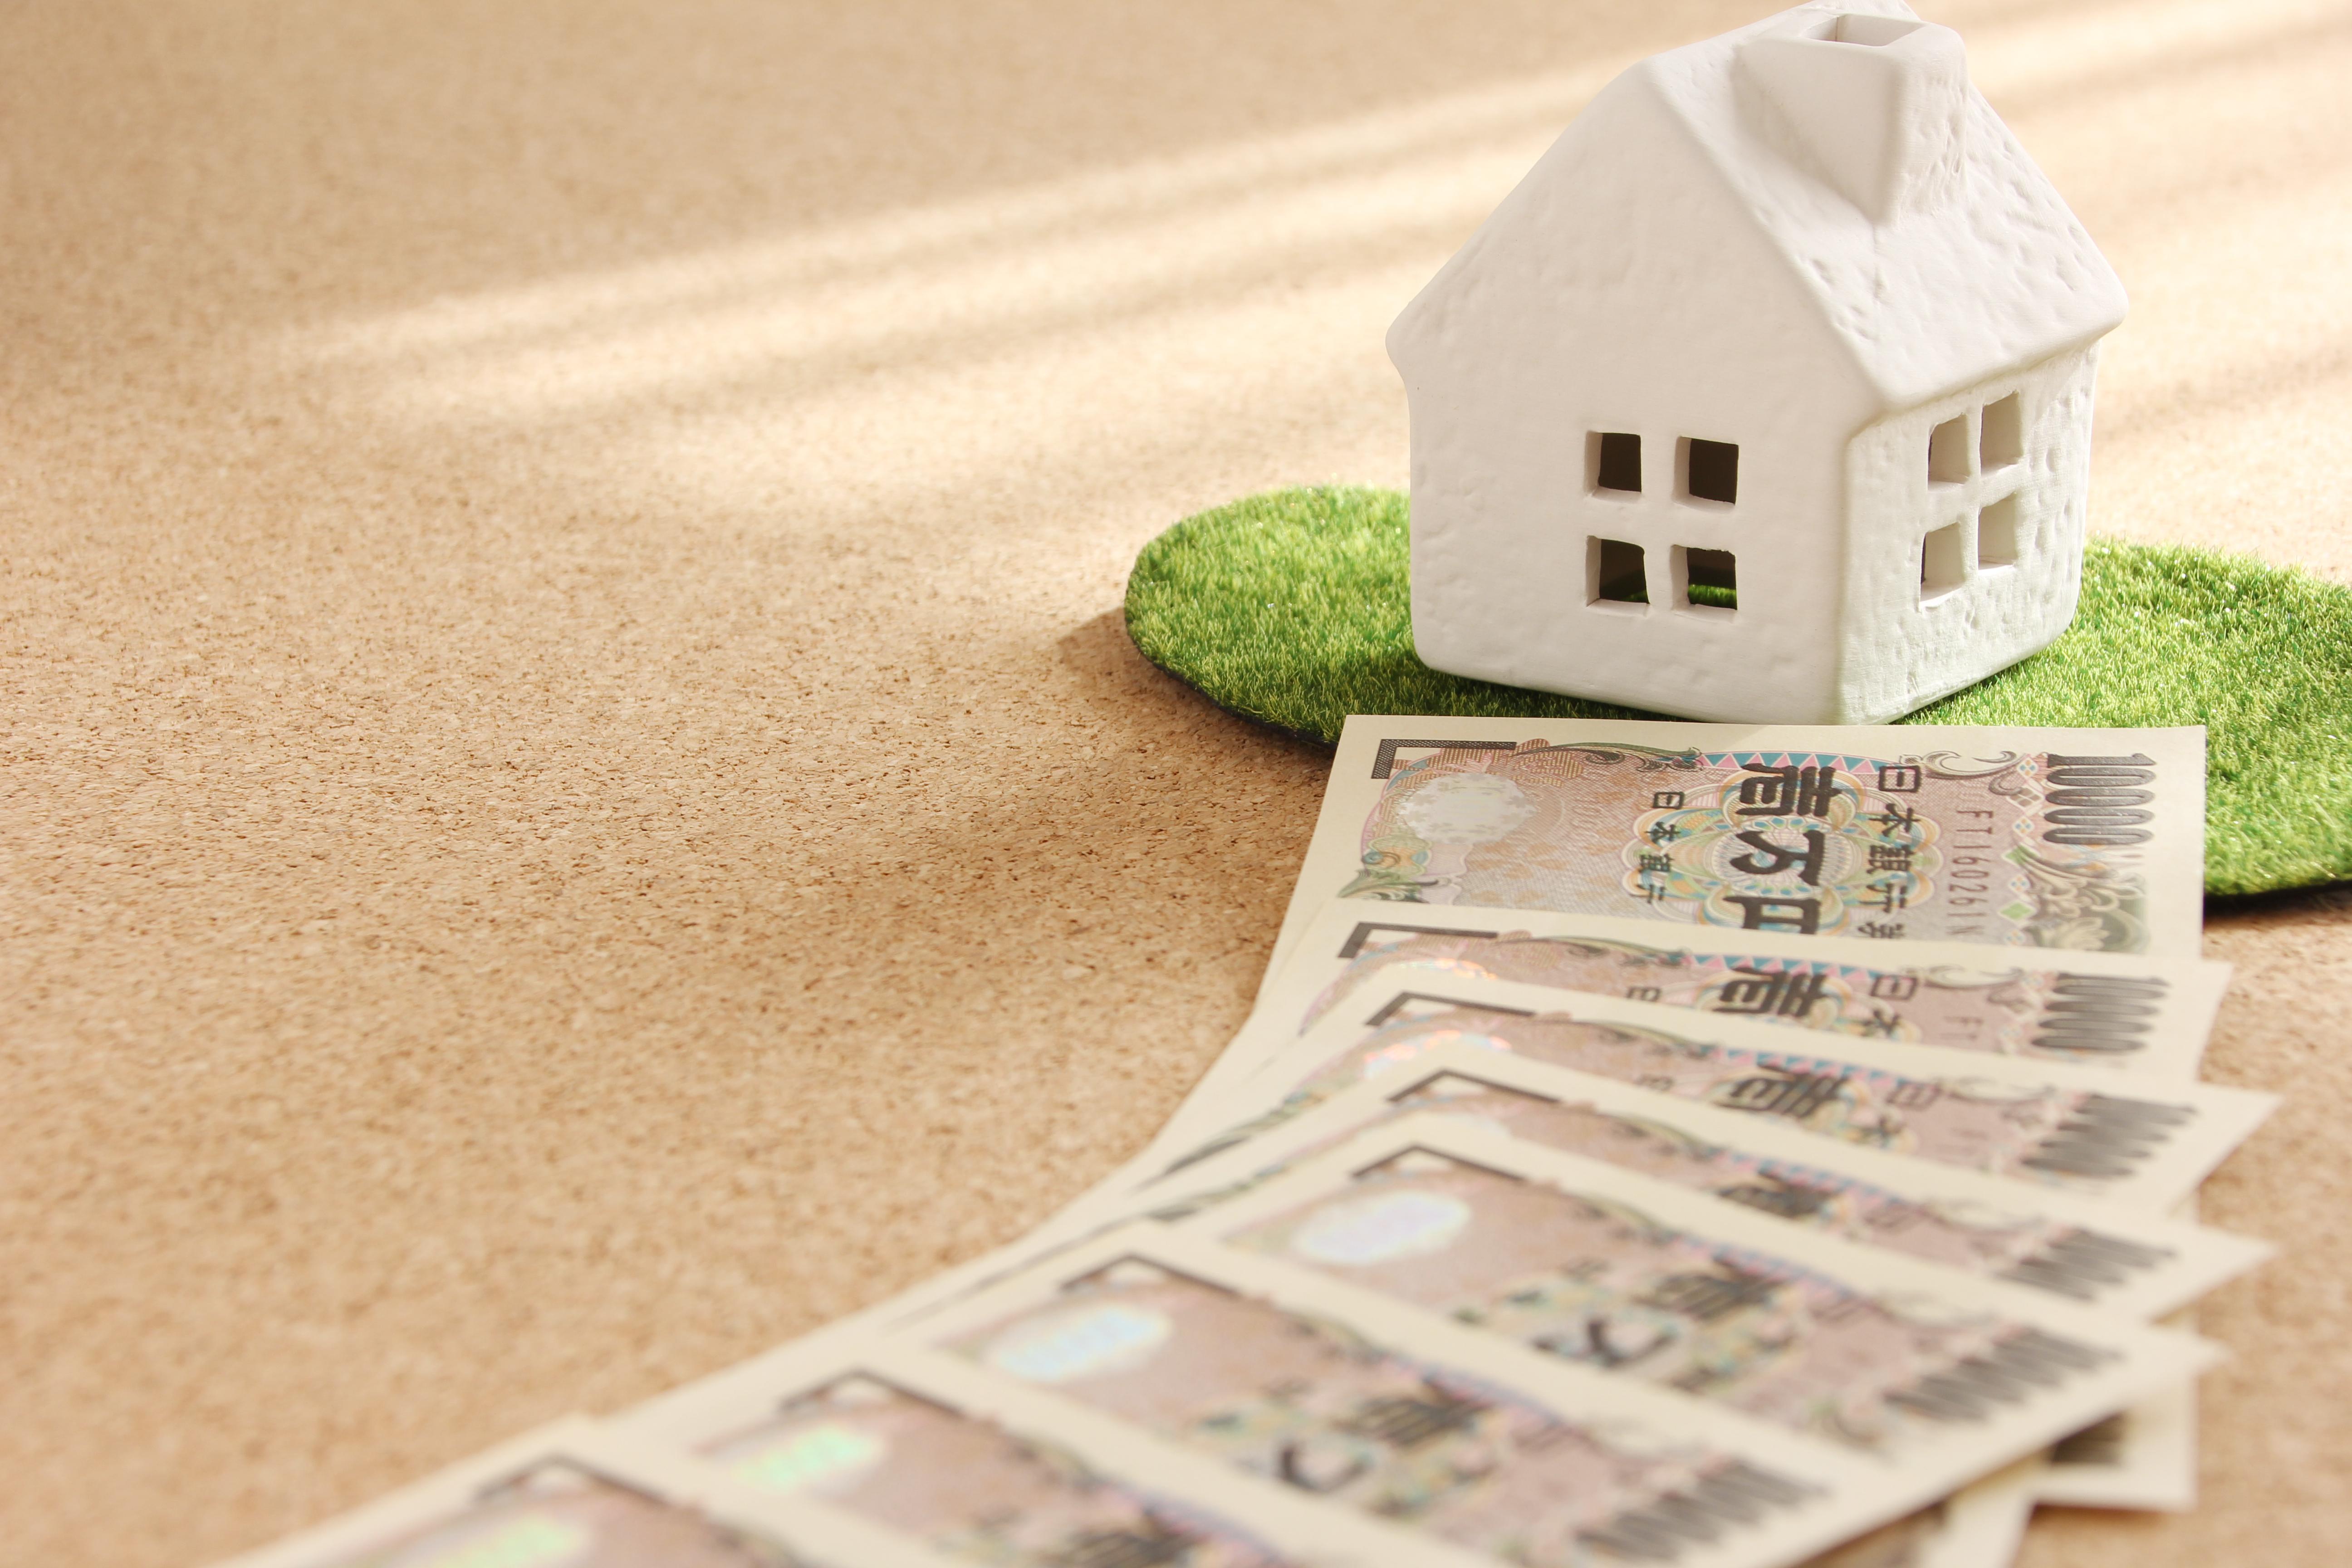 忍び寄る住宅ローン破産の影